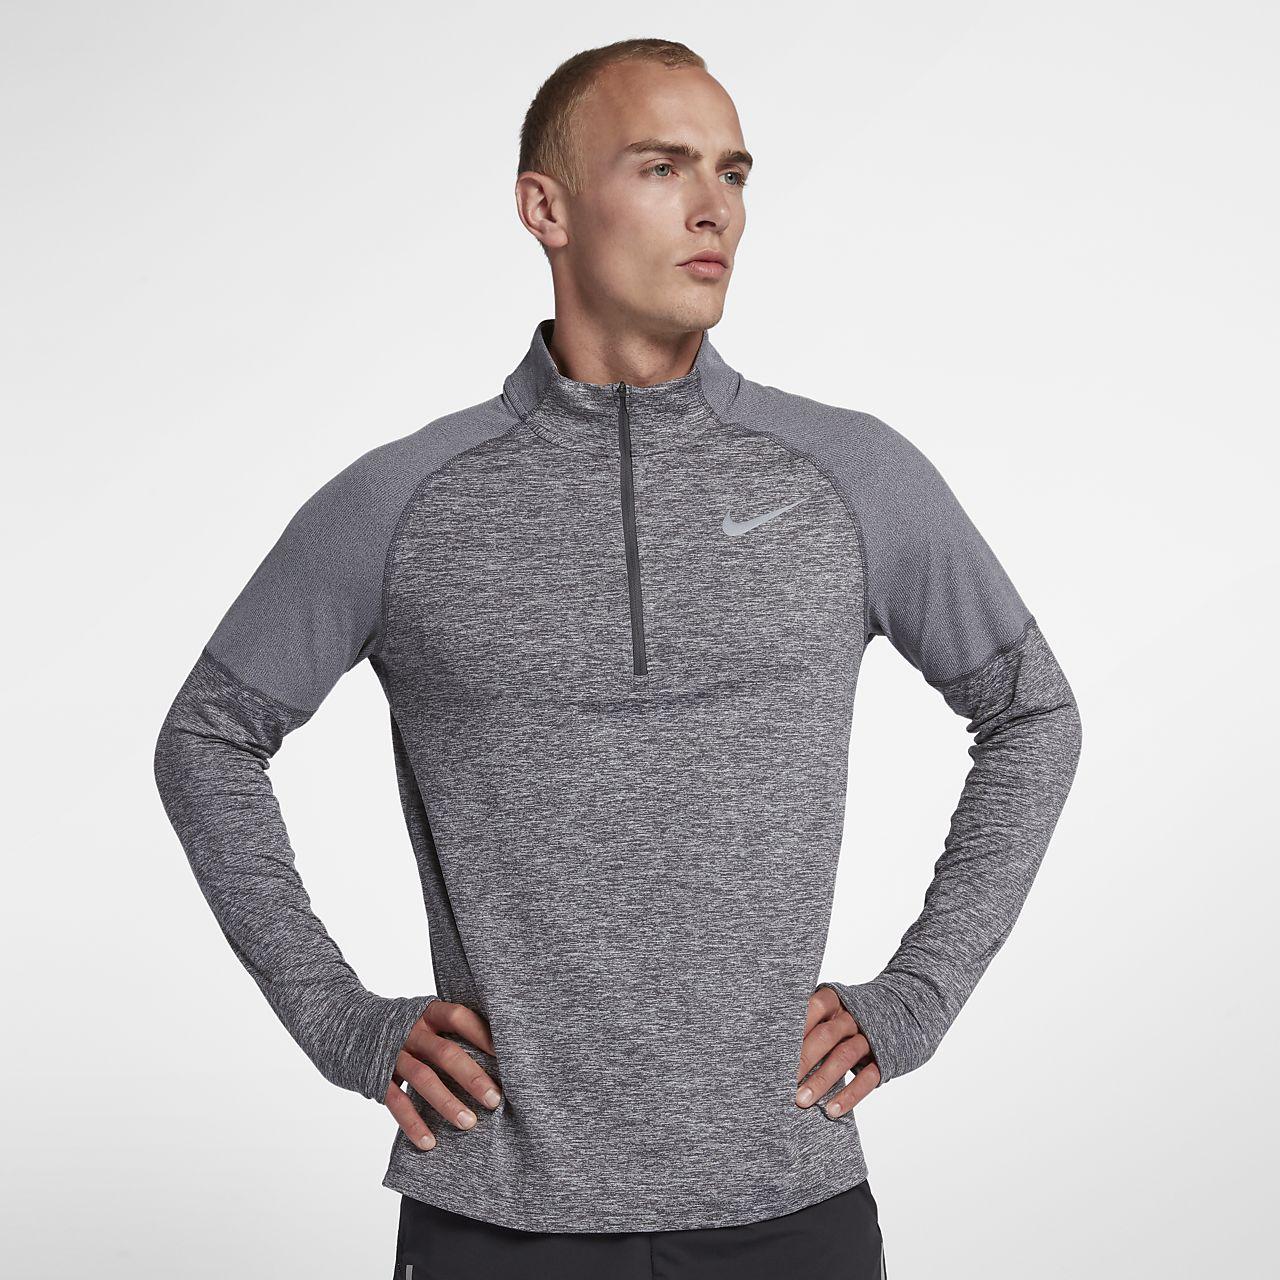 bd5fb07ce Męska koszulka do biegania z zamkiem 1/2 Nike. Nike.com PL